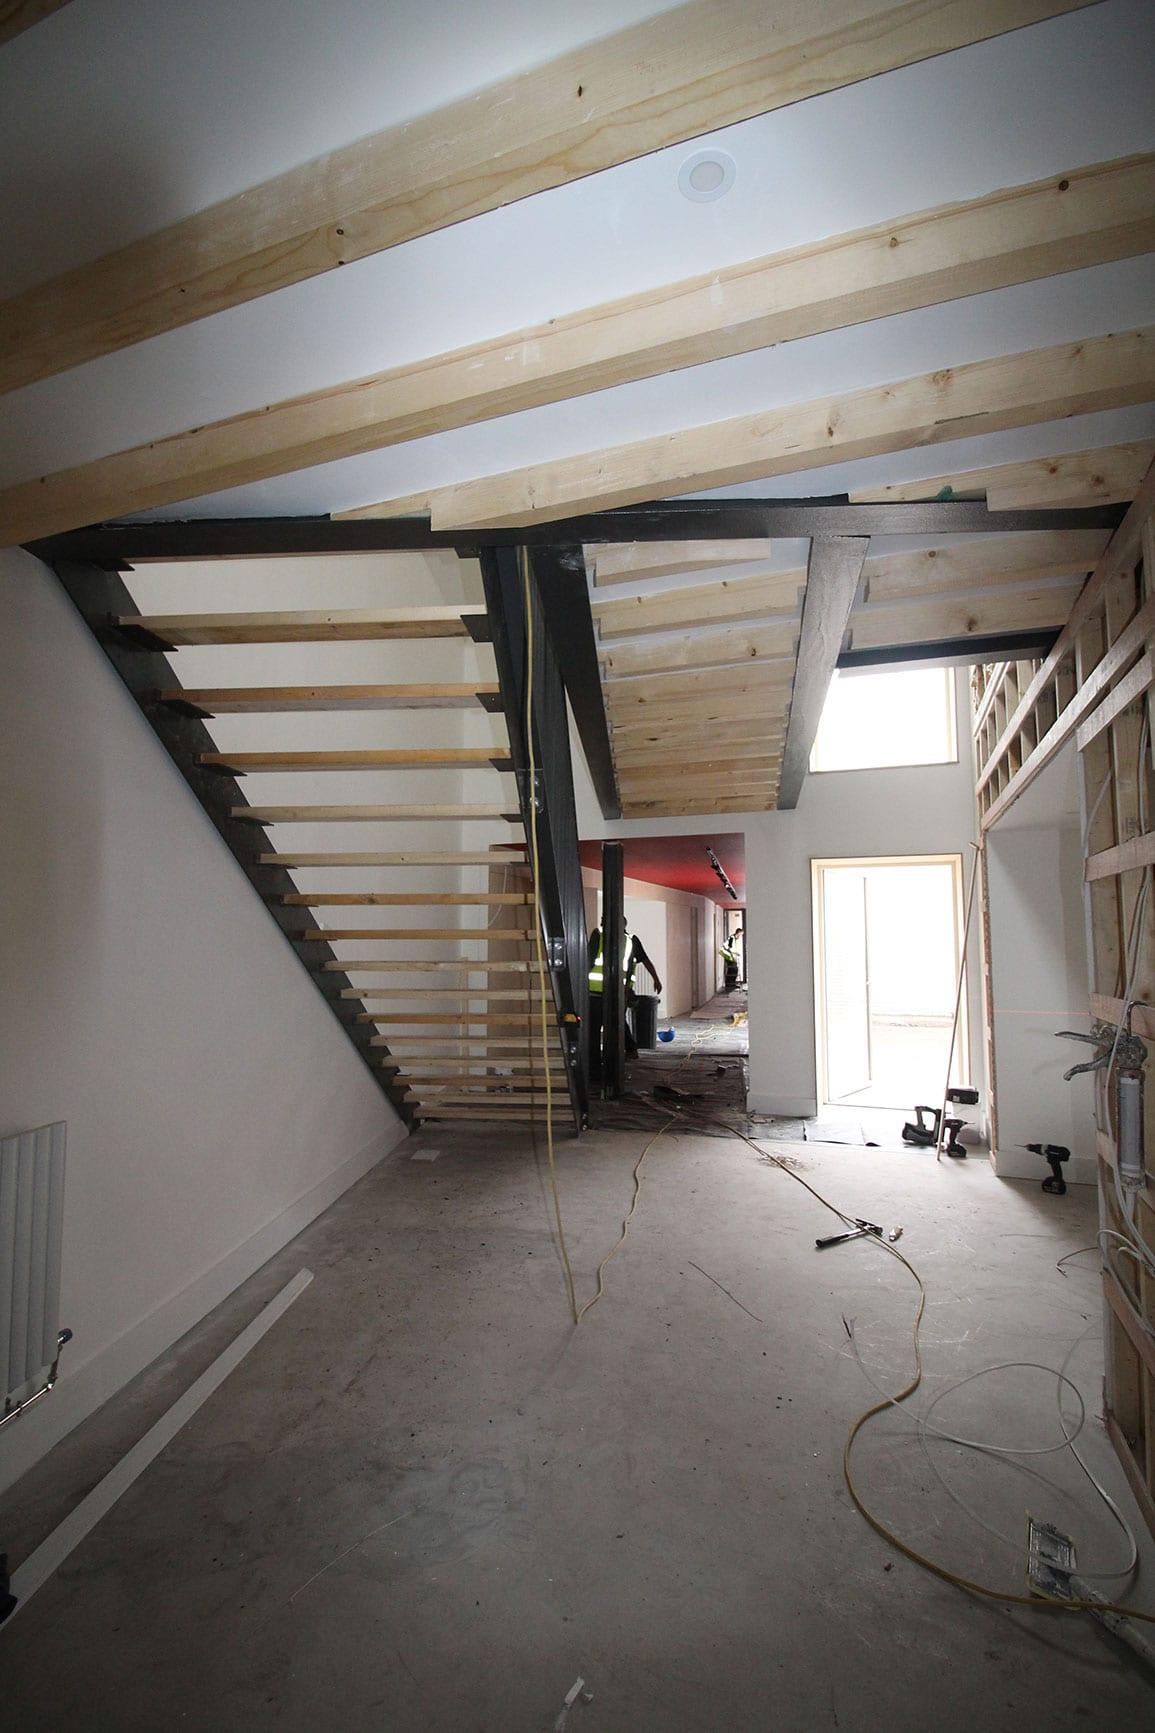 Architectural Emporium Walk the plank in progress site photo hallway